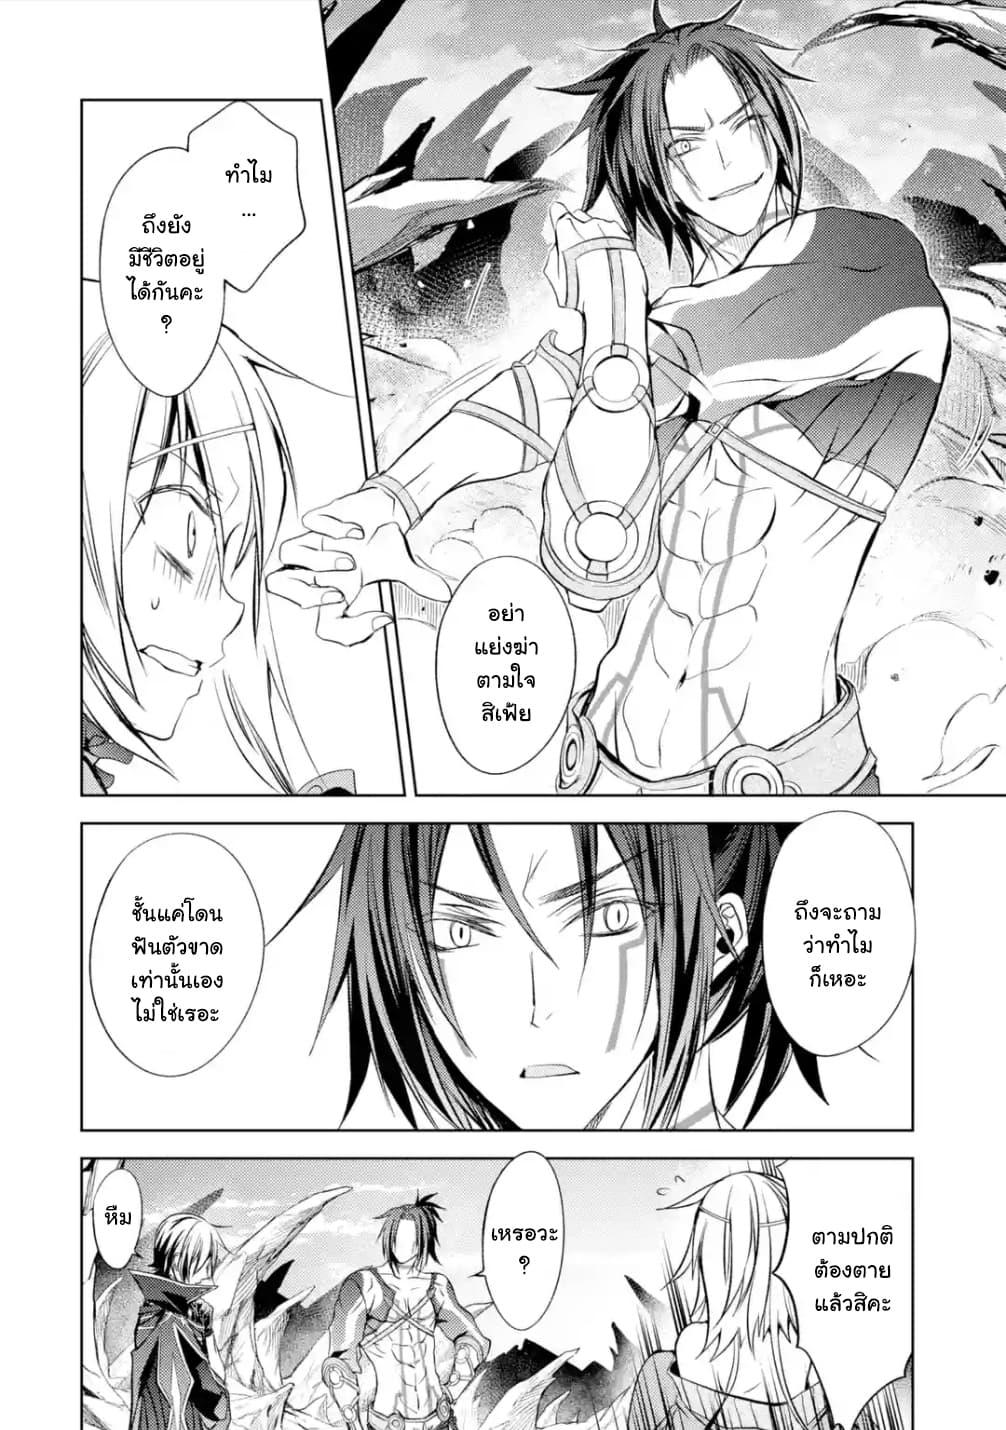 อ่านการ์ตูน Senmetsumadou no Saikyokenja ตอนที่ 4.2 หน้าที่ 10